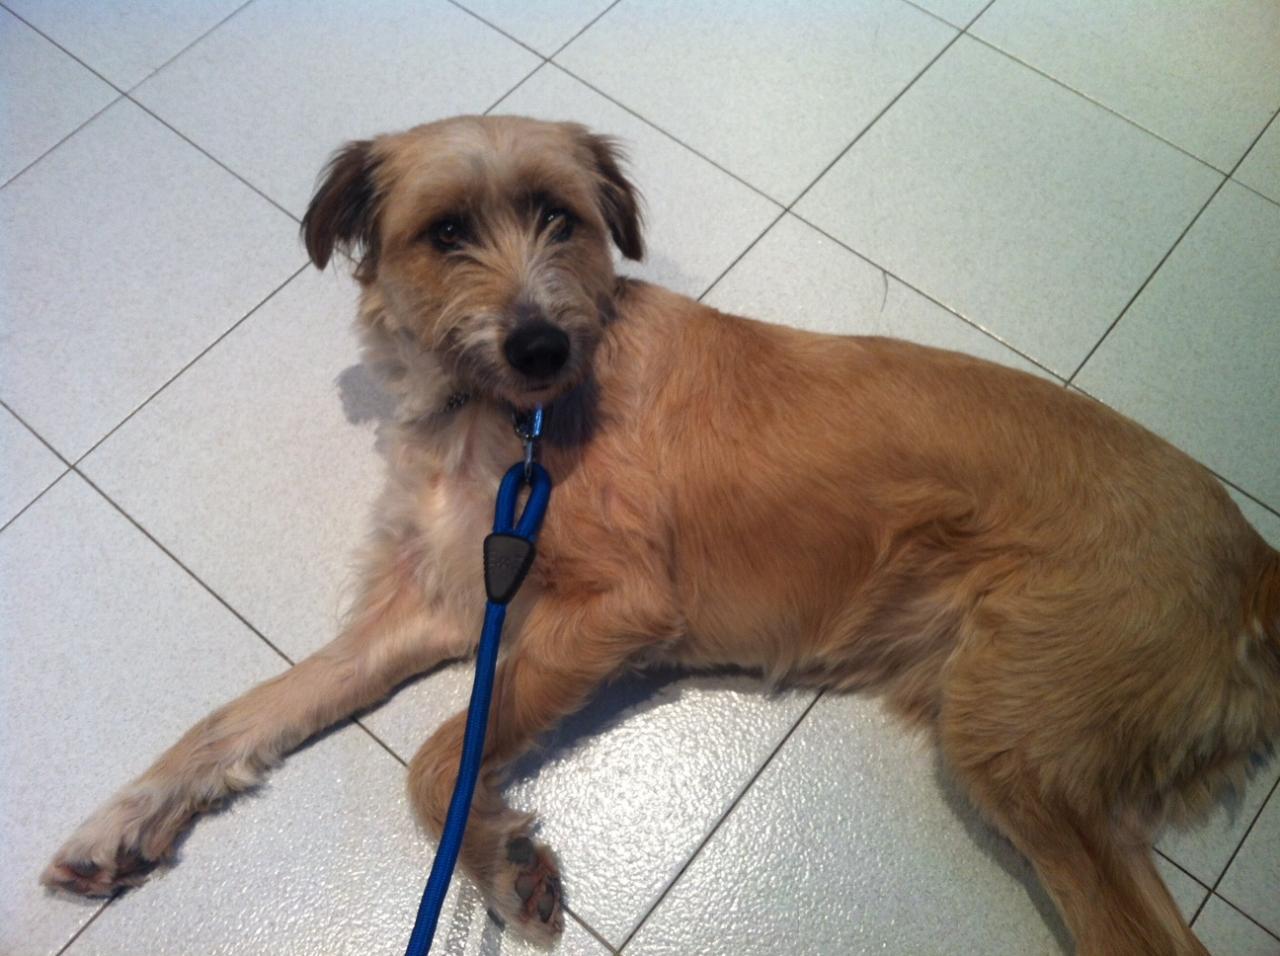 Tzek qui attend PATIEMMENT le véto malgré les autres chiens présents